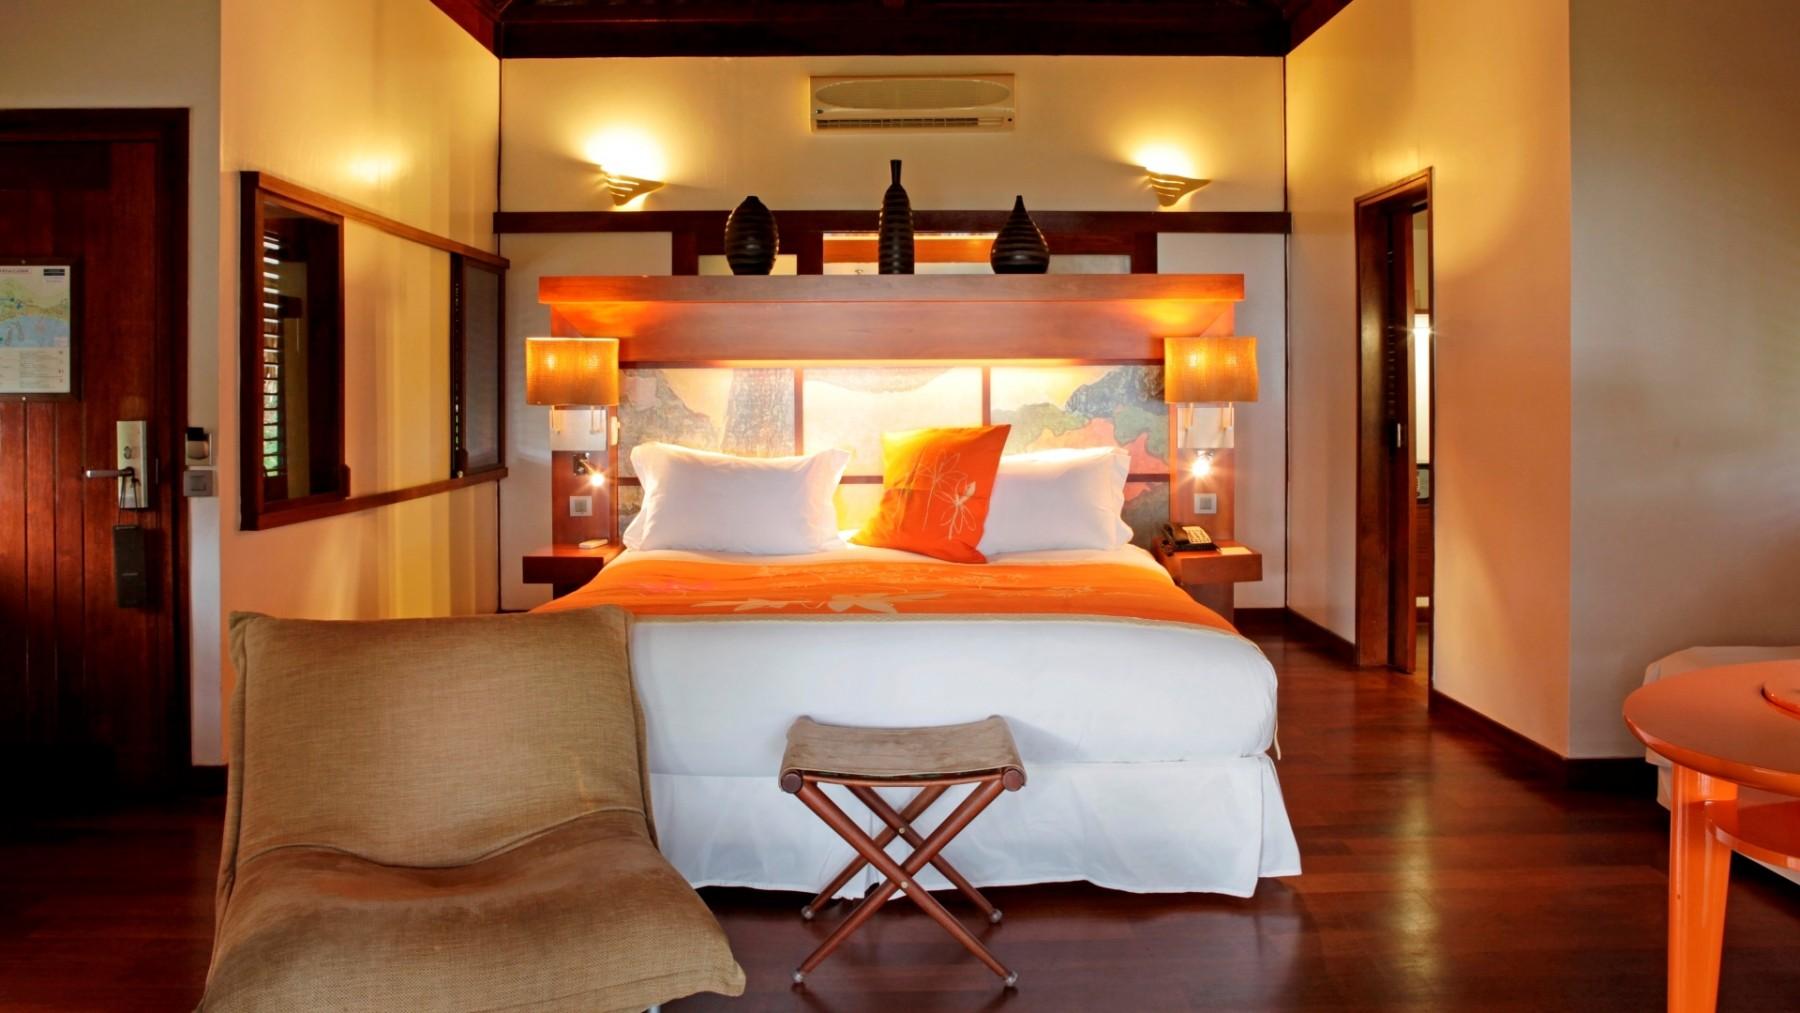 Sofitel Moorea Ia Ora Beach Resort Luxury Bungalow With